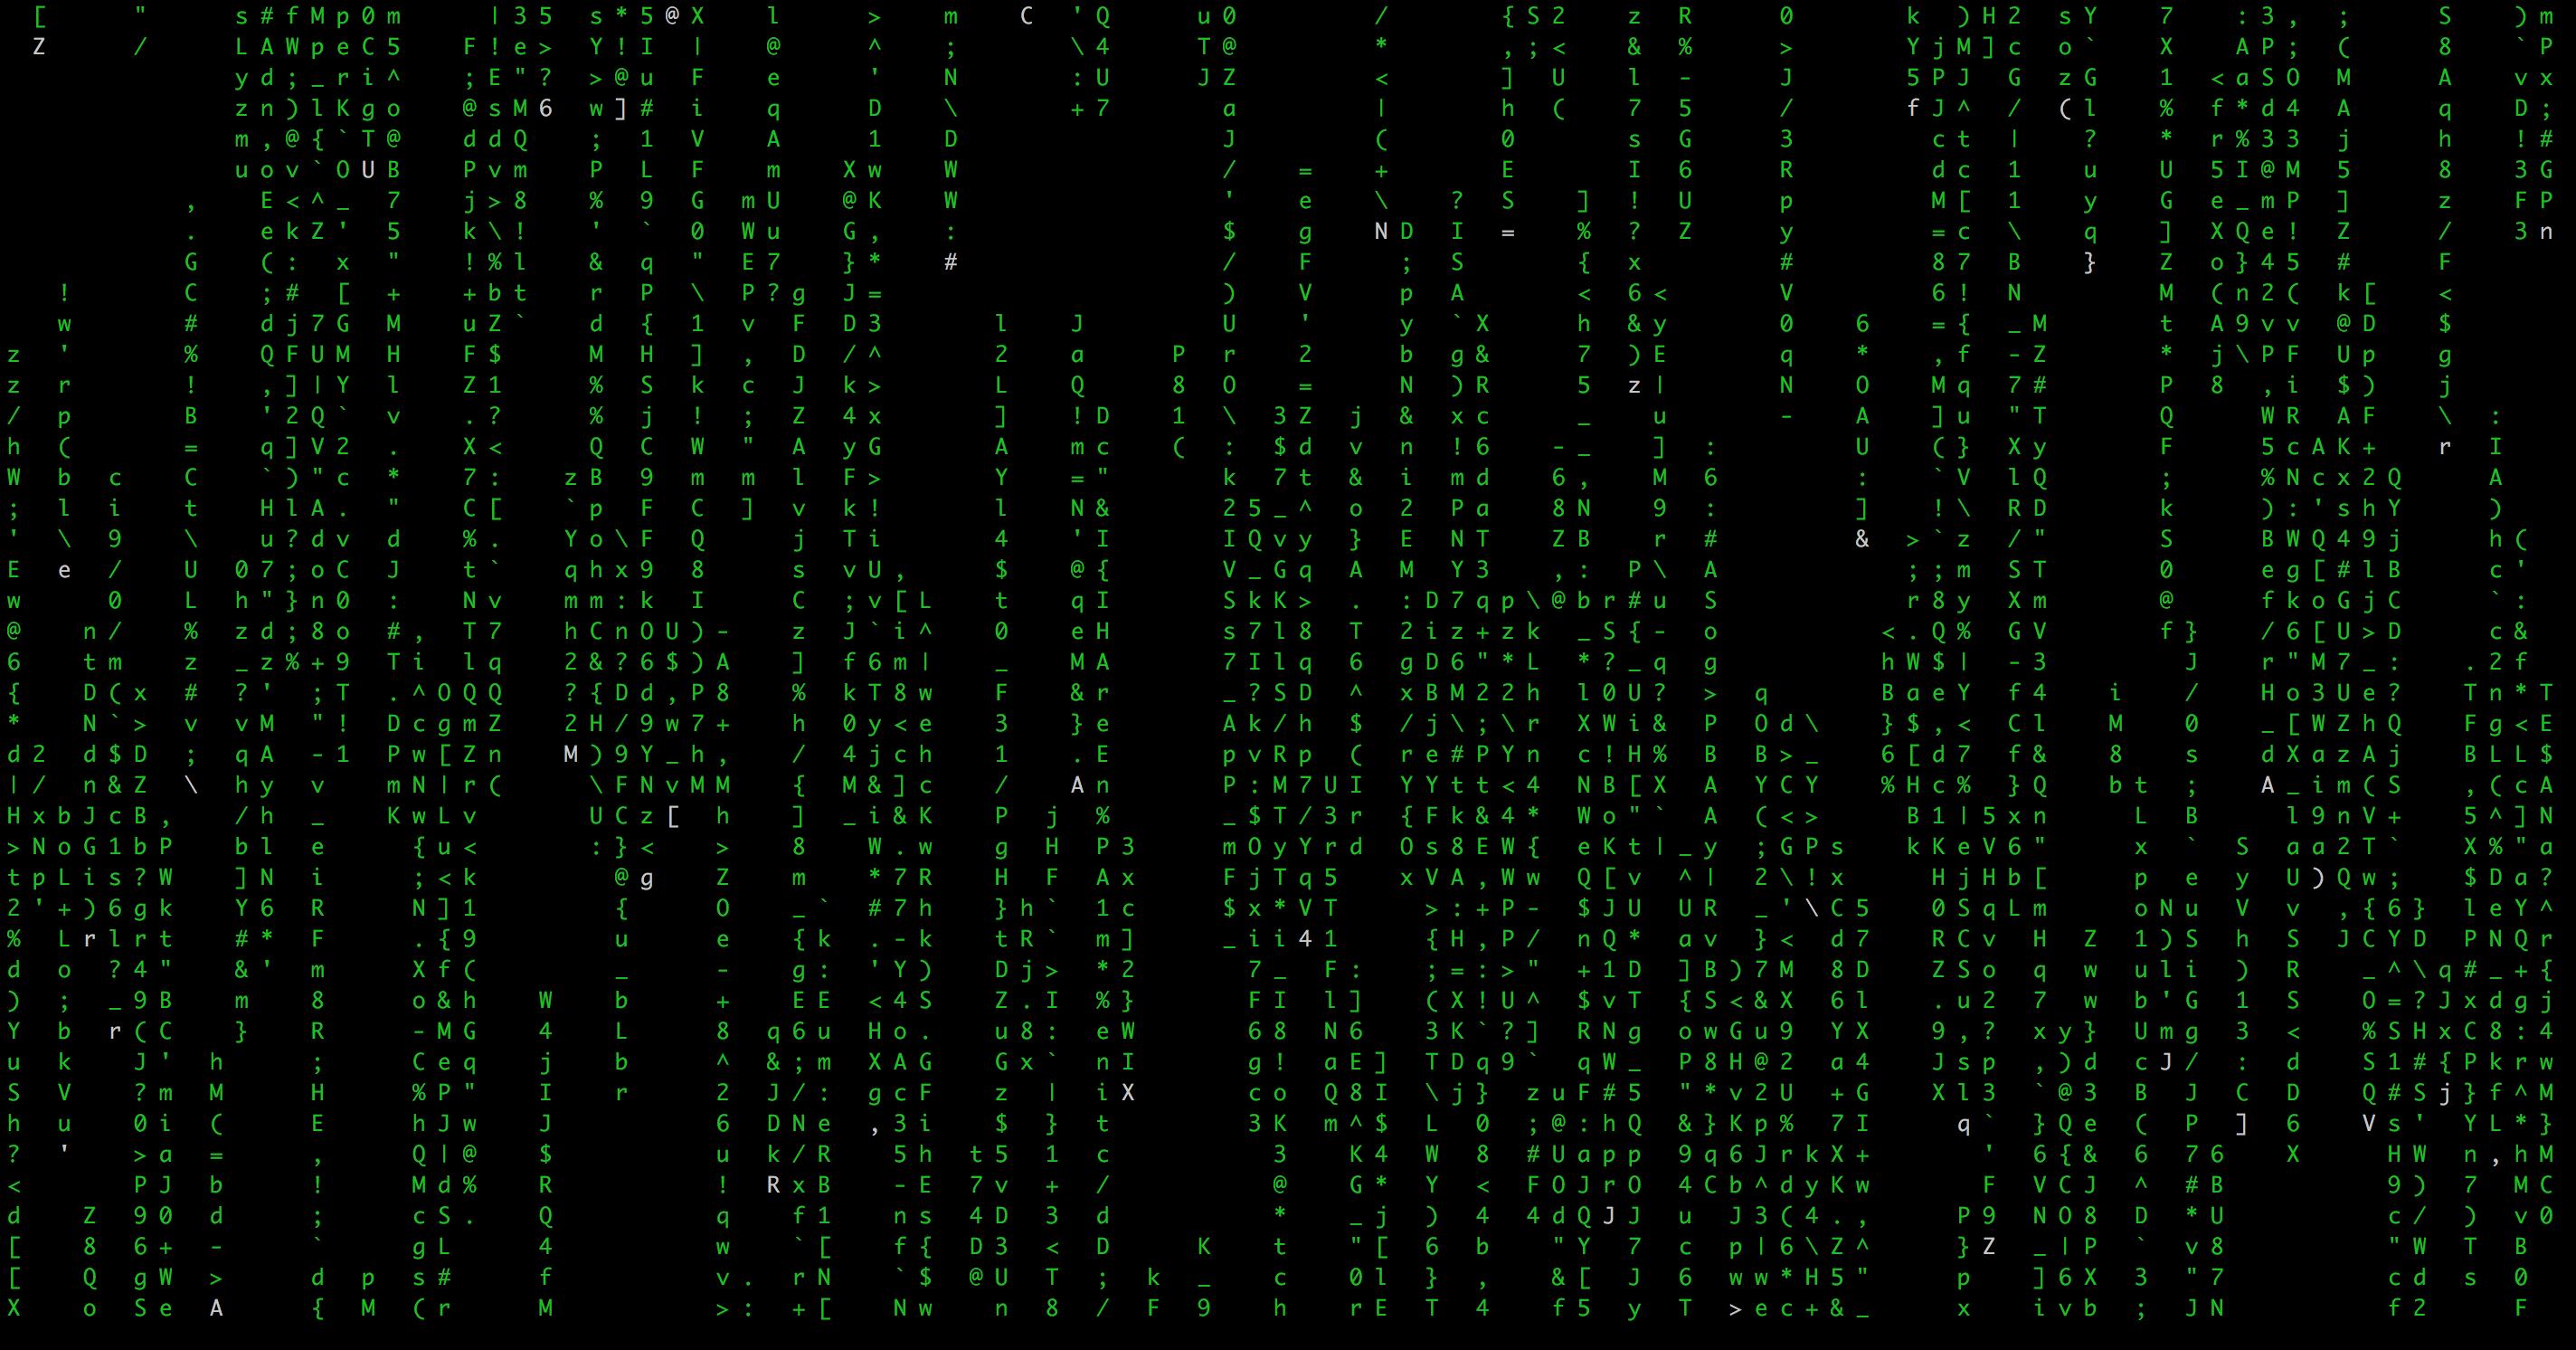 linux黑客帝国数字雨